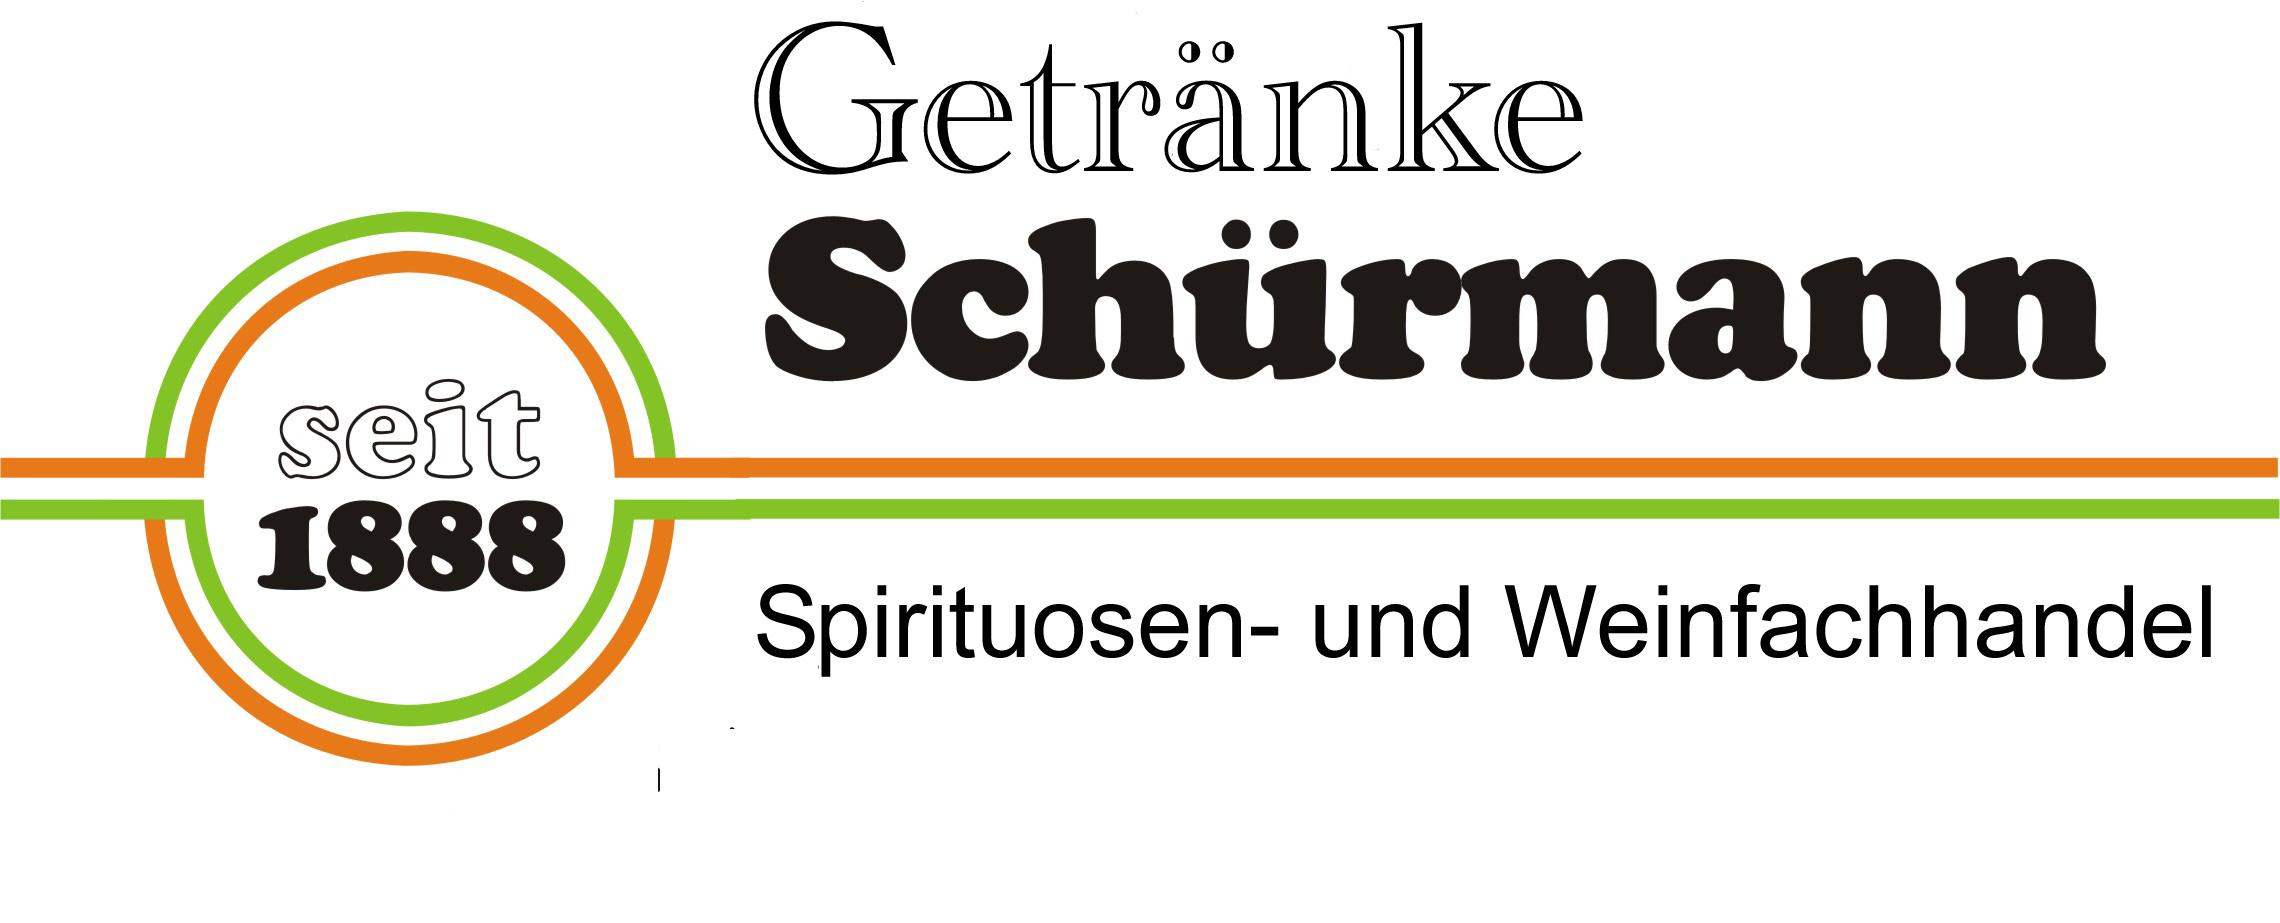 Schuermannwidumlogo